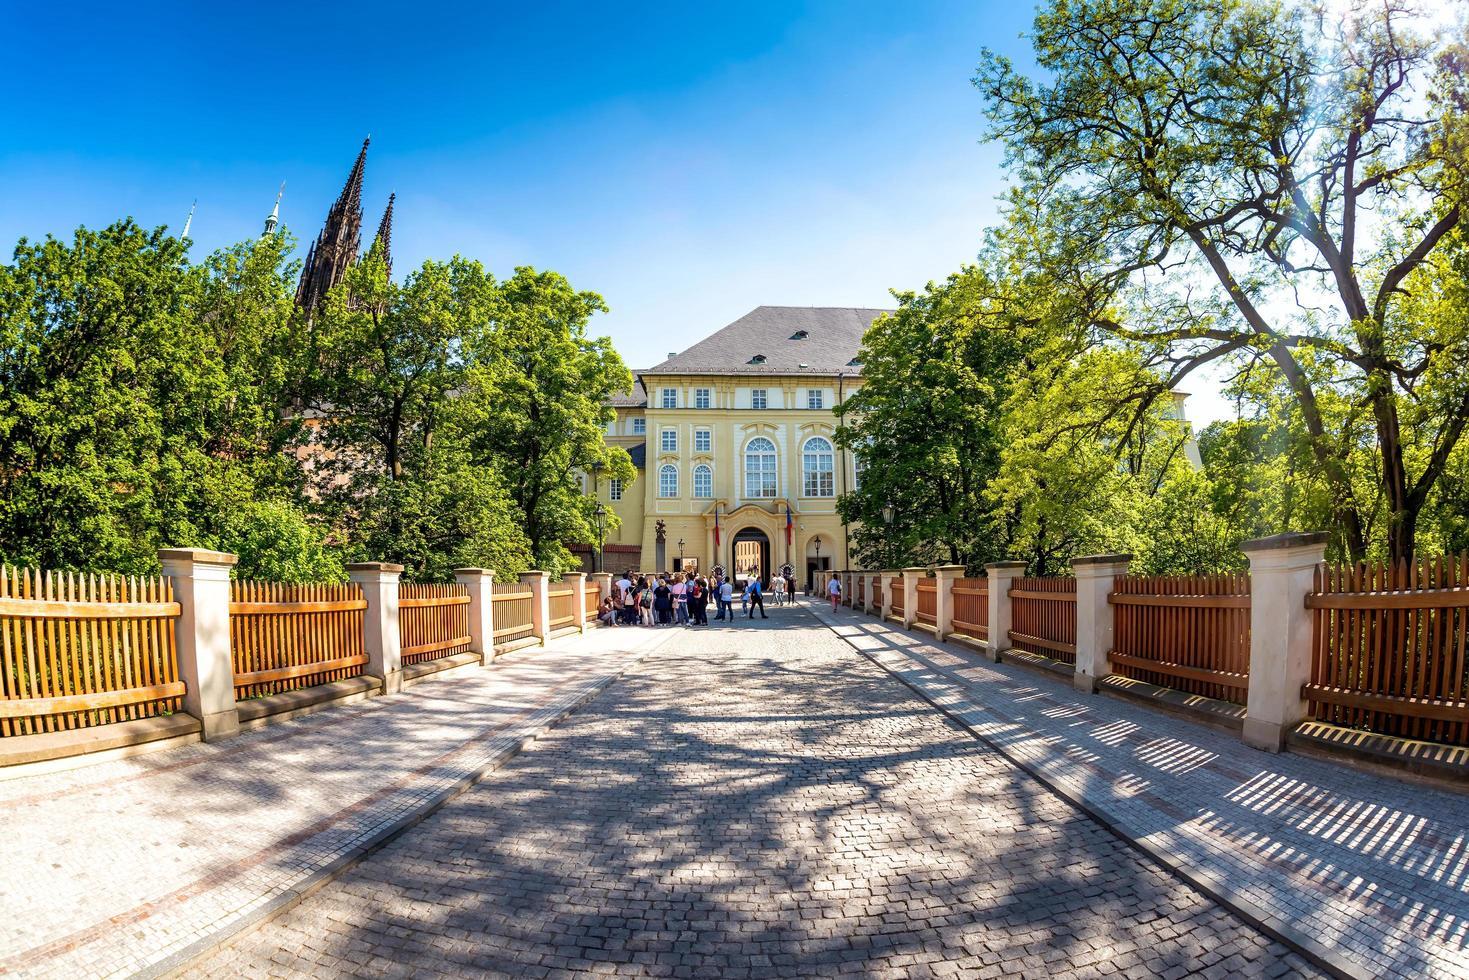 Prague, République tchèque 2017 - touristes et gardes à l'entrée du château de Prague photo